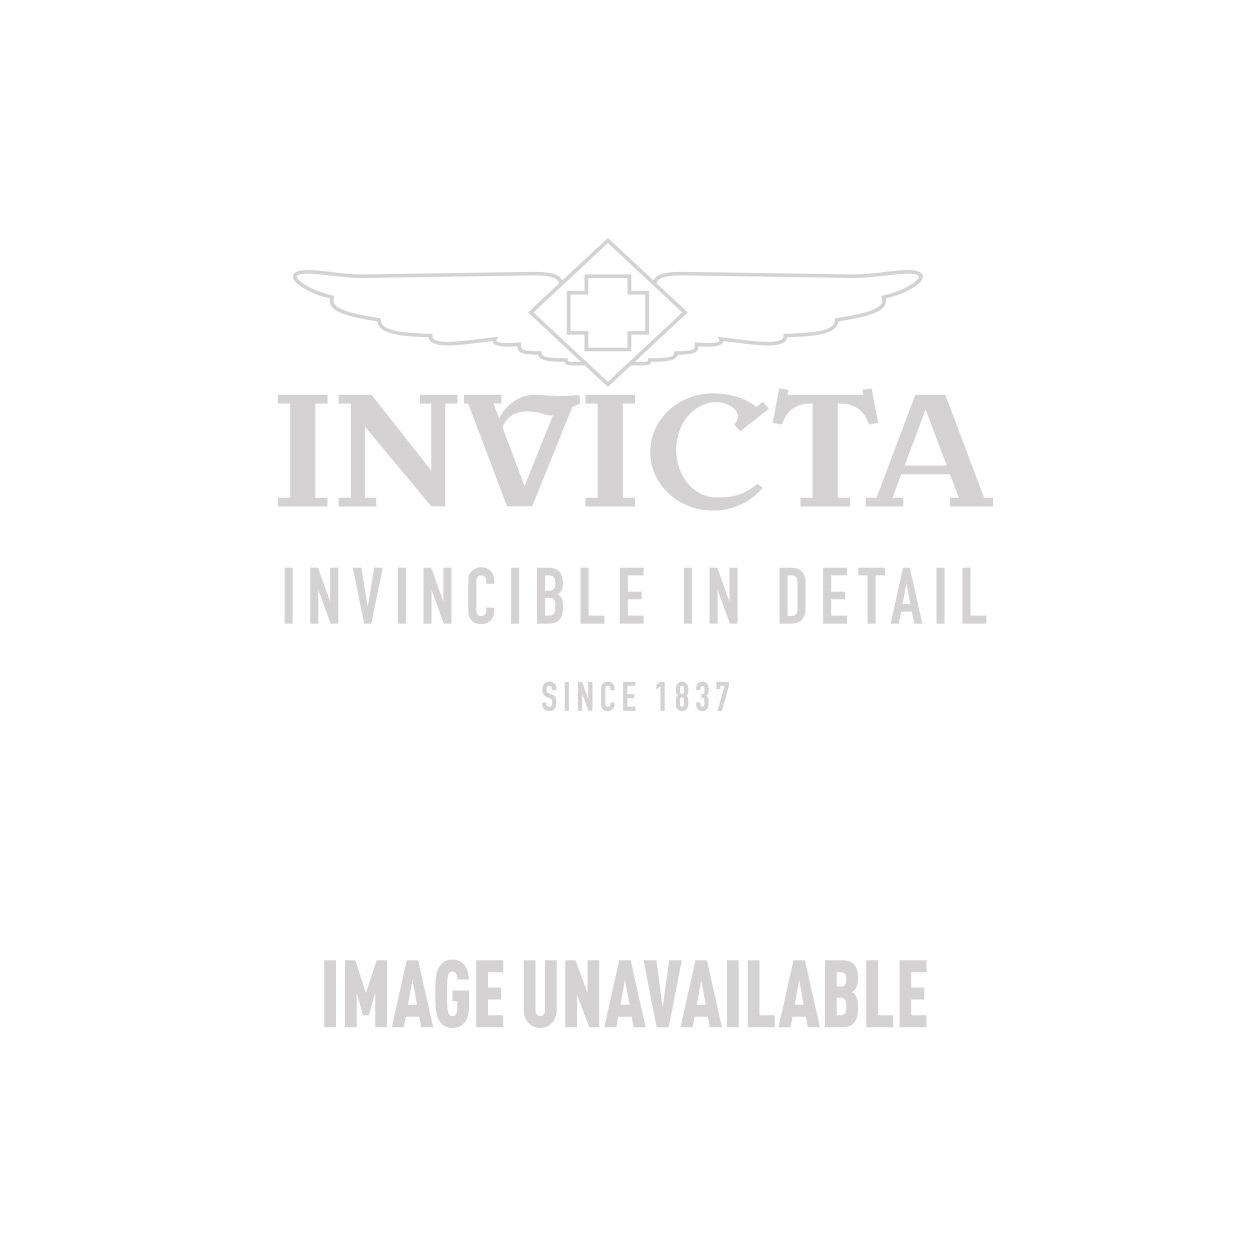 Invicta Model 25685